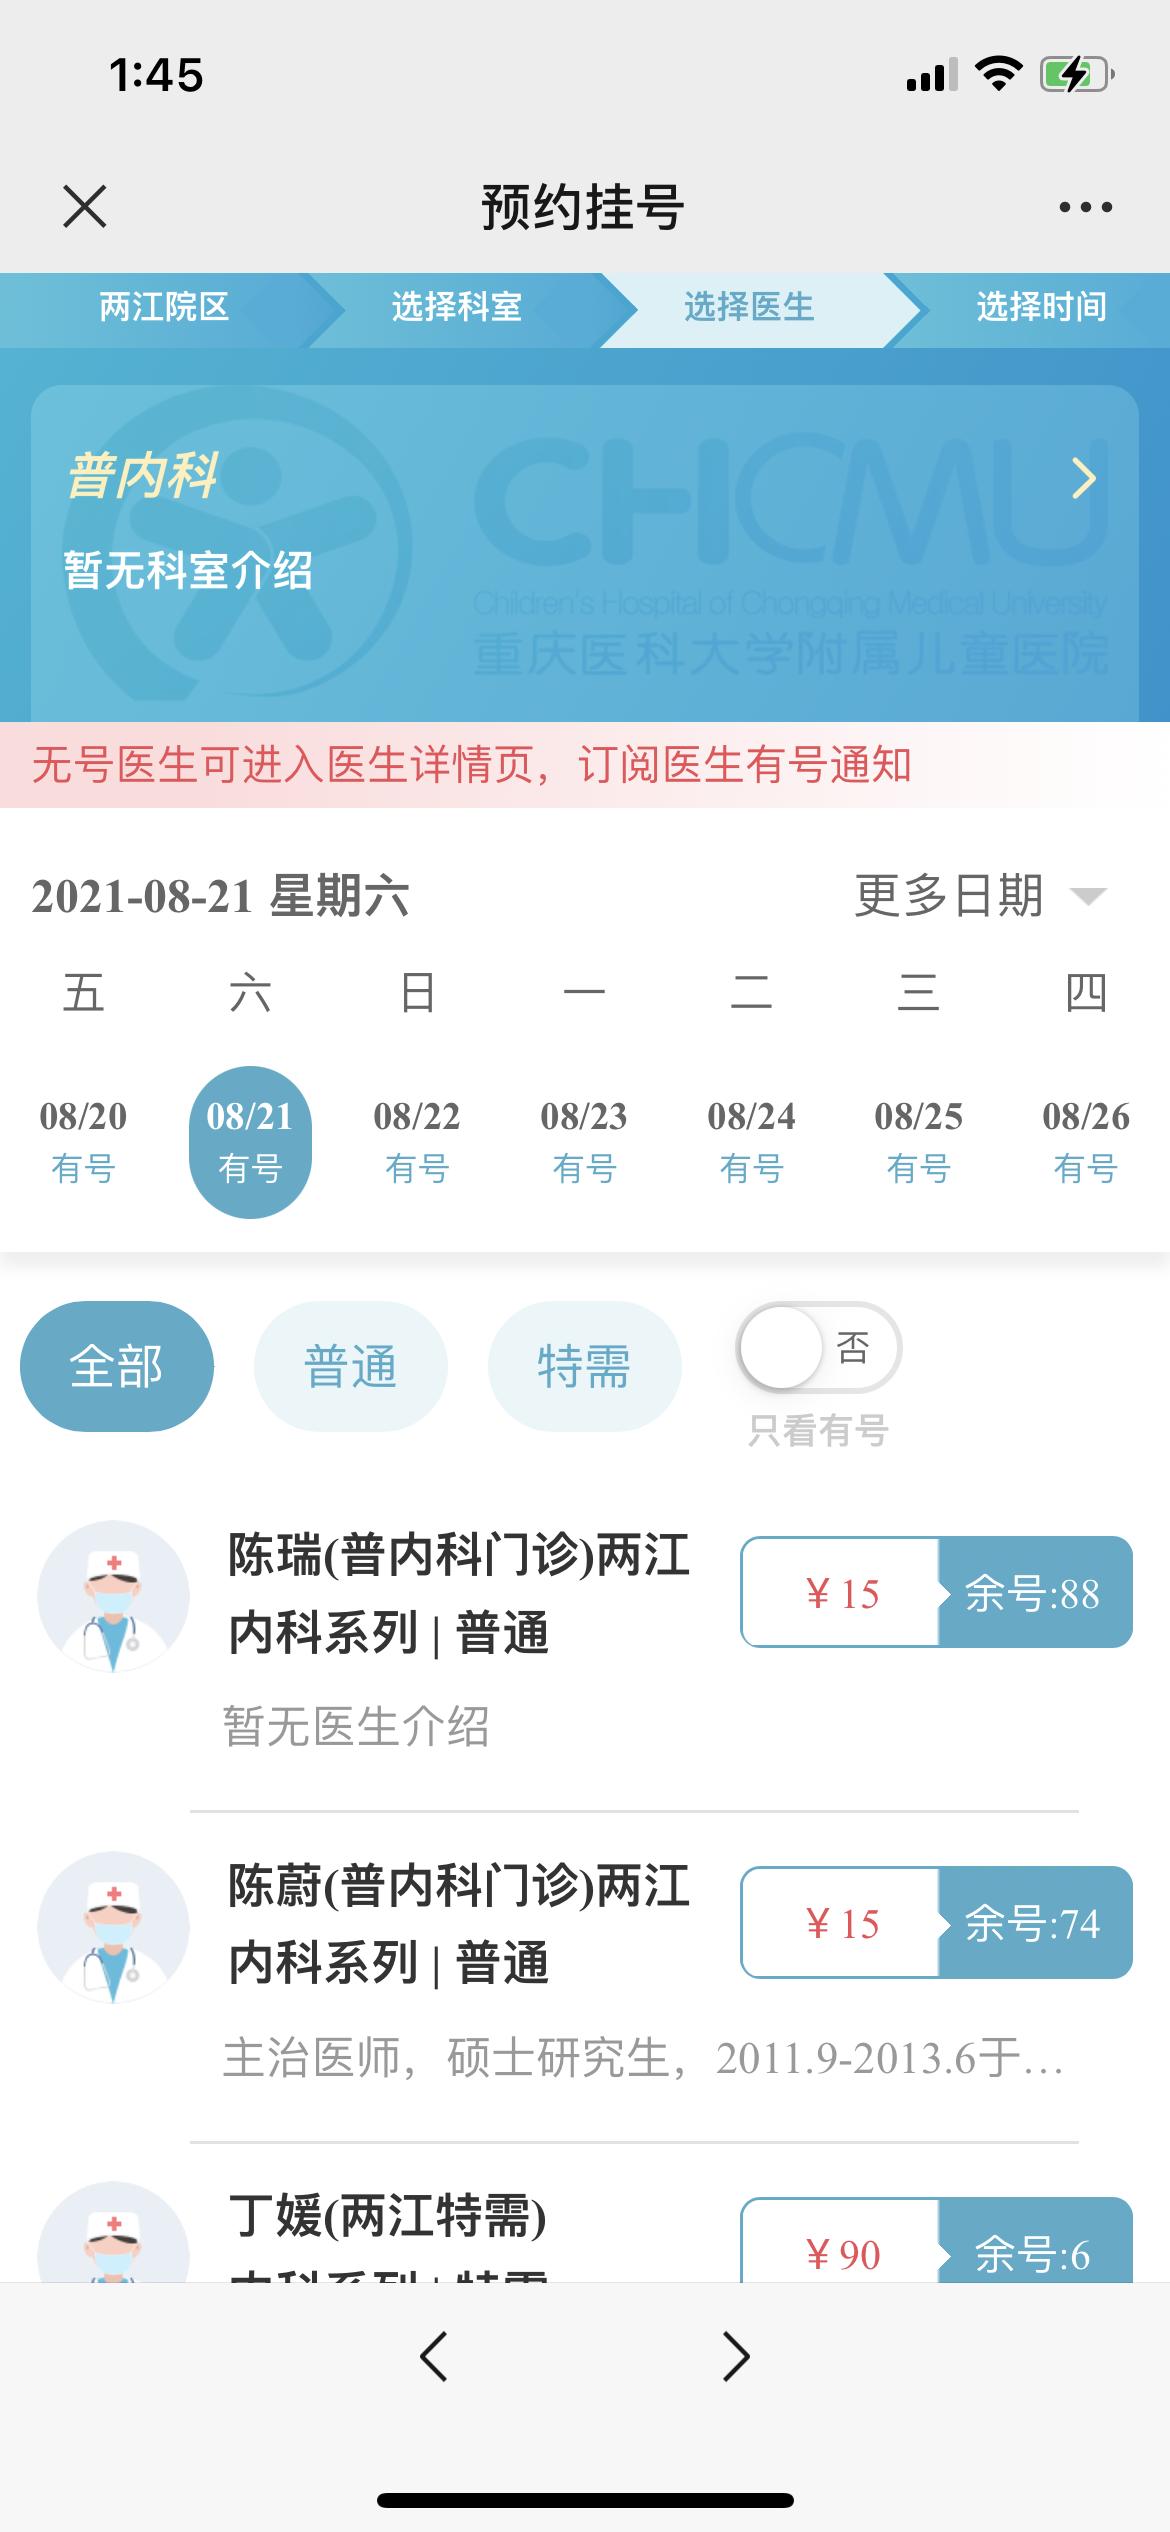 """重慶44家""""智慧醫院""""分時就診縮短至30分鐘以下"""